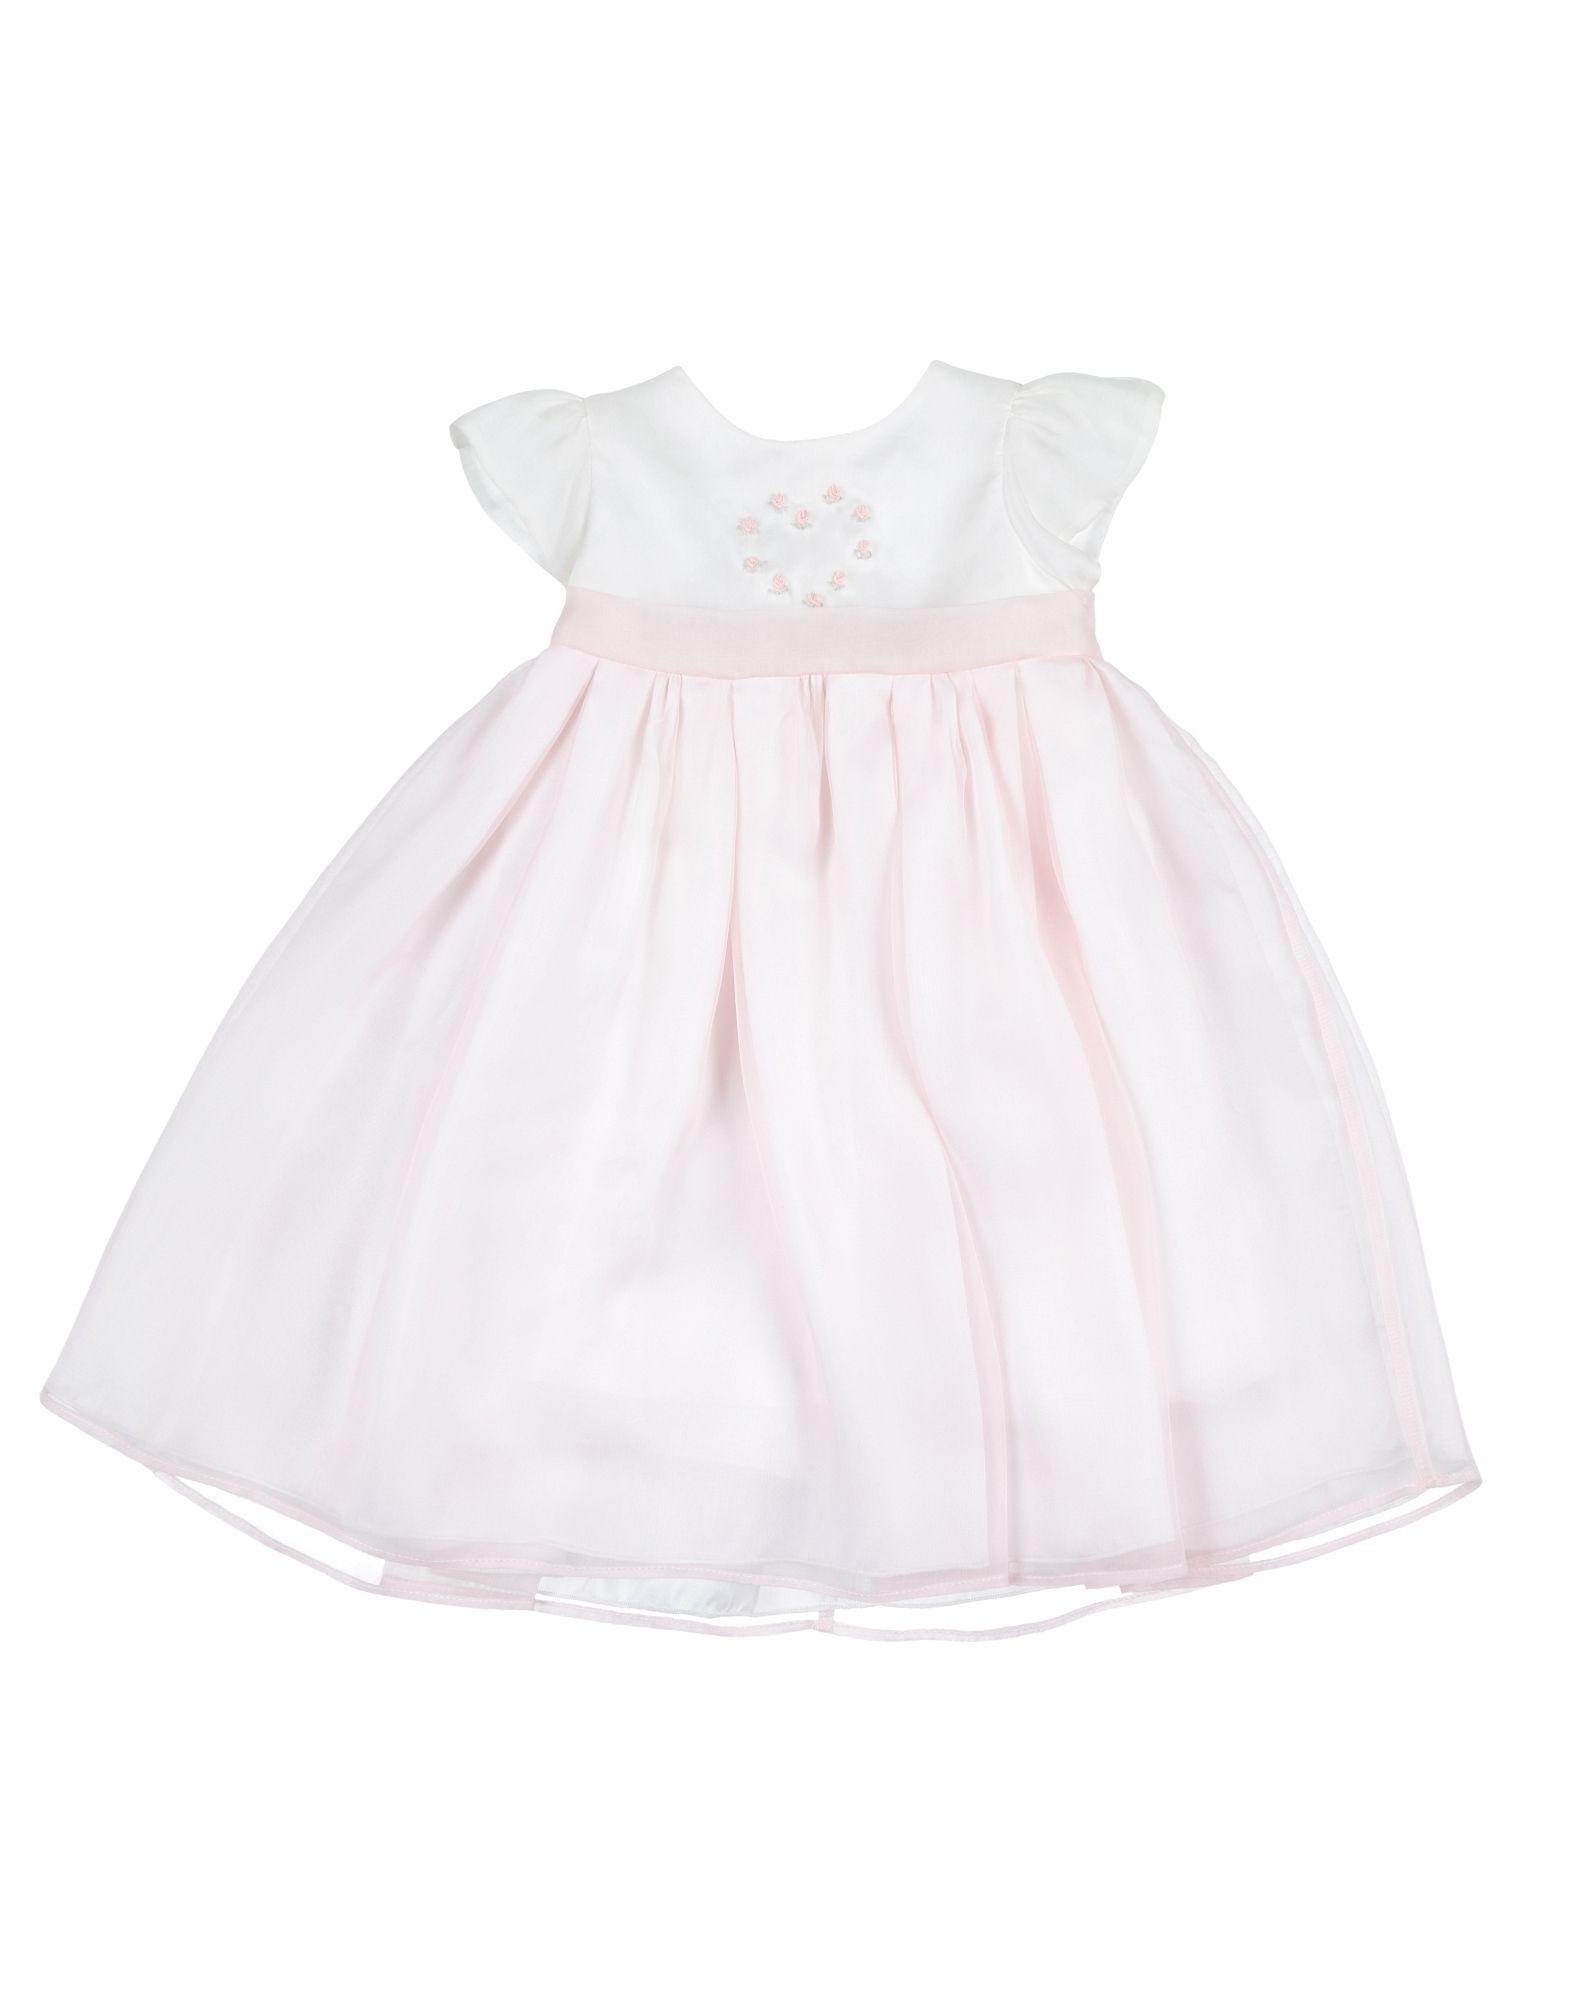 LA STUPENDERIA Dress in Pink